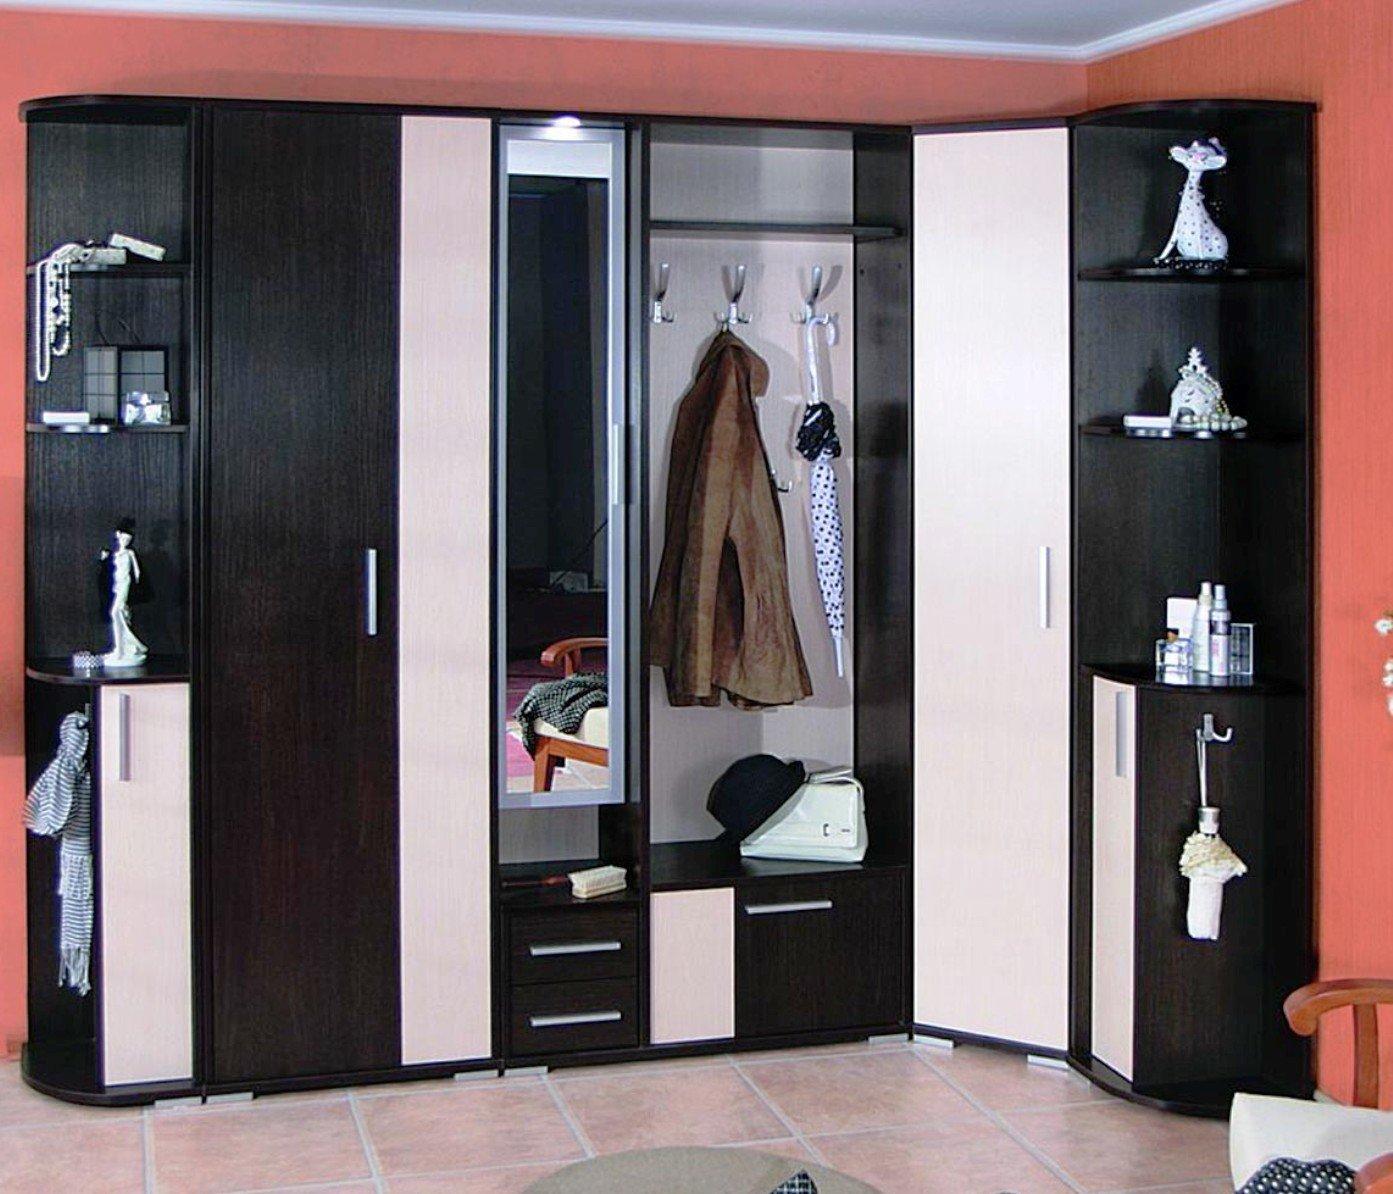 сочетание открытых и закрытых элементов шкафа для прихожей